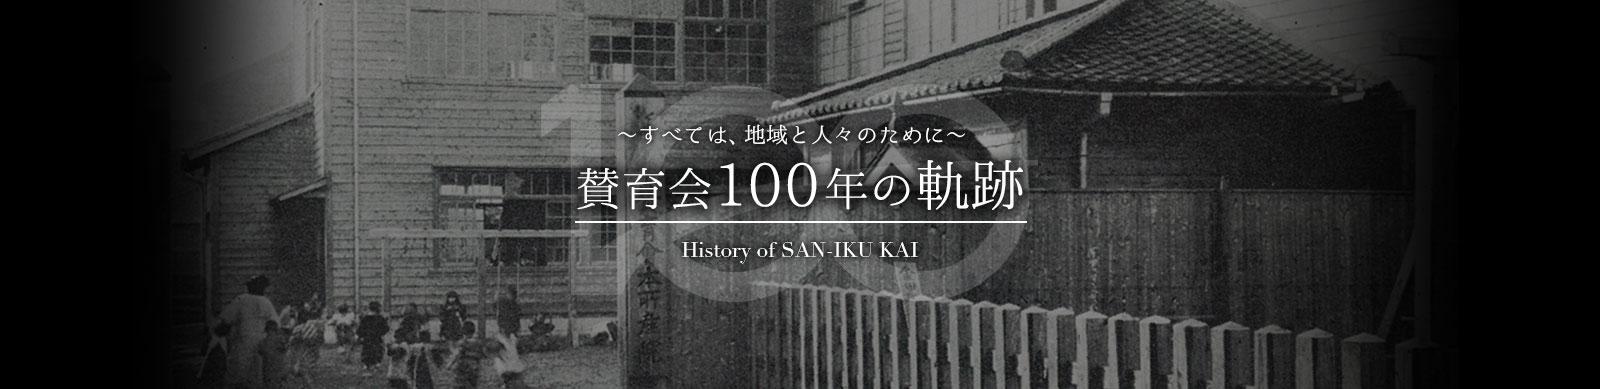 賛育会100年の軌跡 ~すべては、地域と人々のために~ History of SAN-IKUKAI